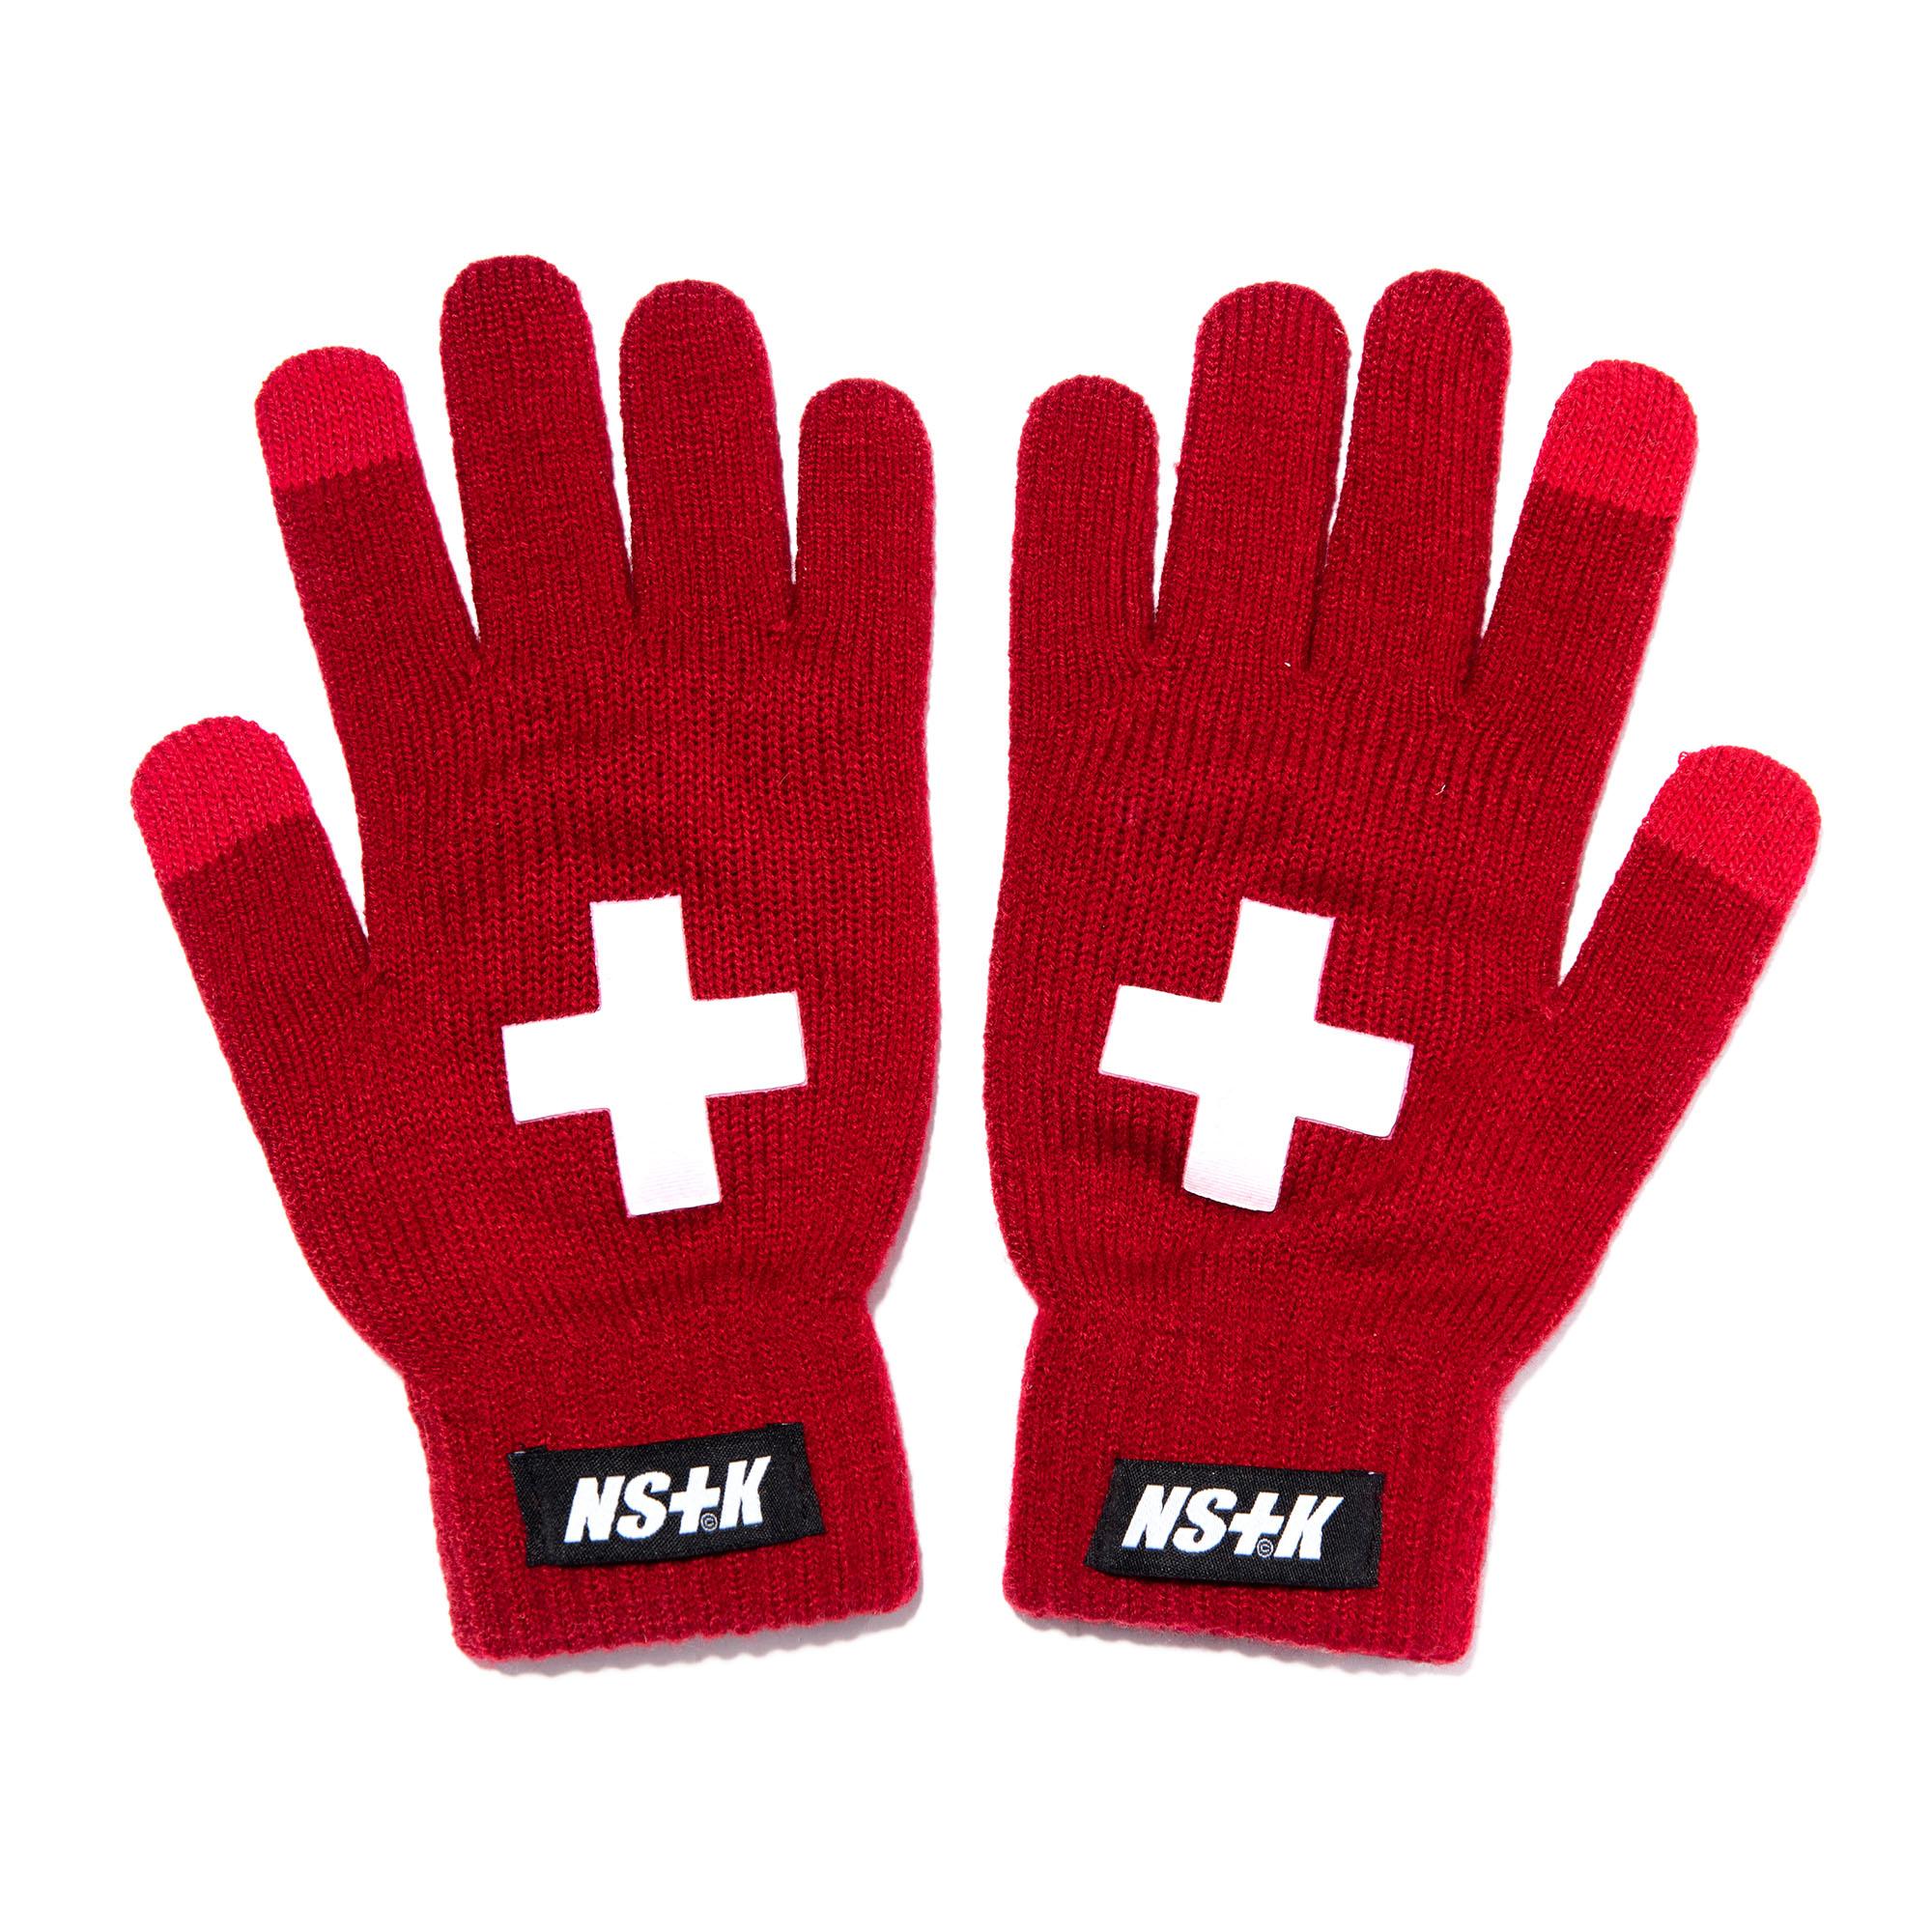 NSTK CROSS GLOVES RED (NK18A101H)